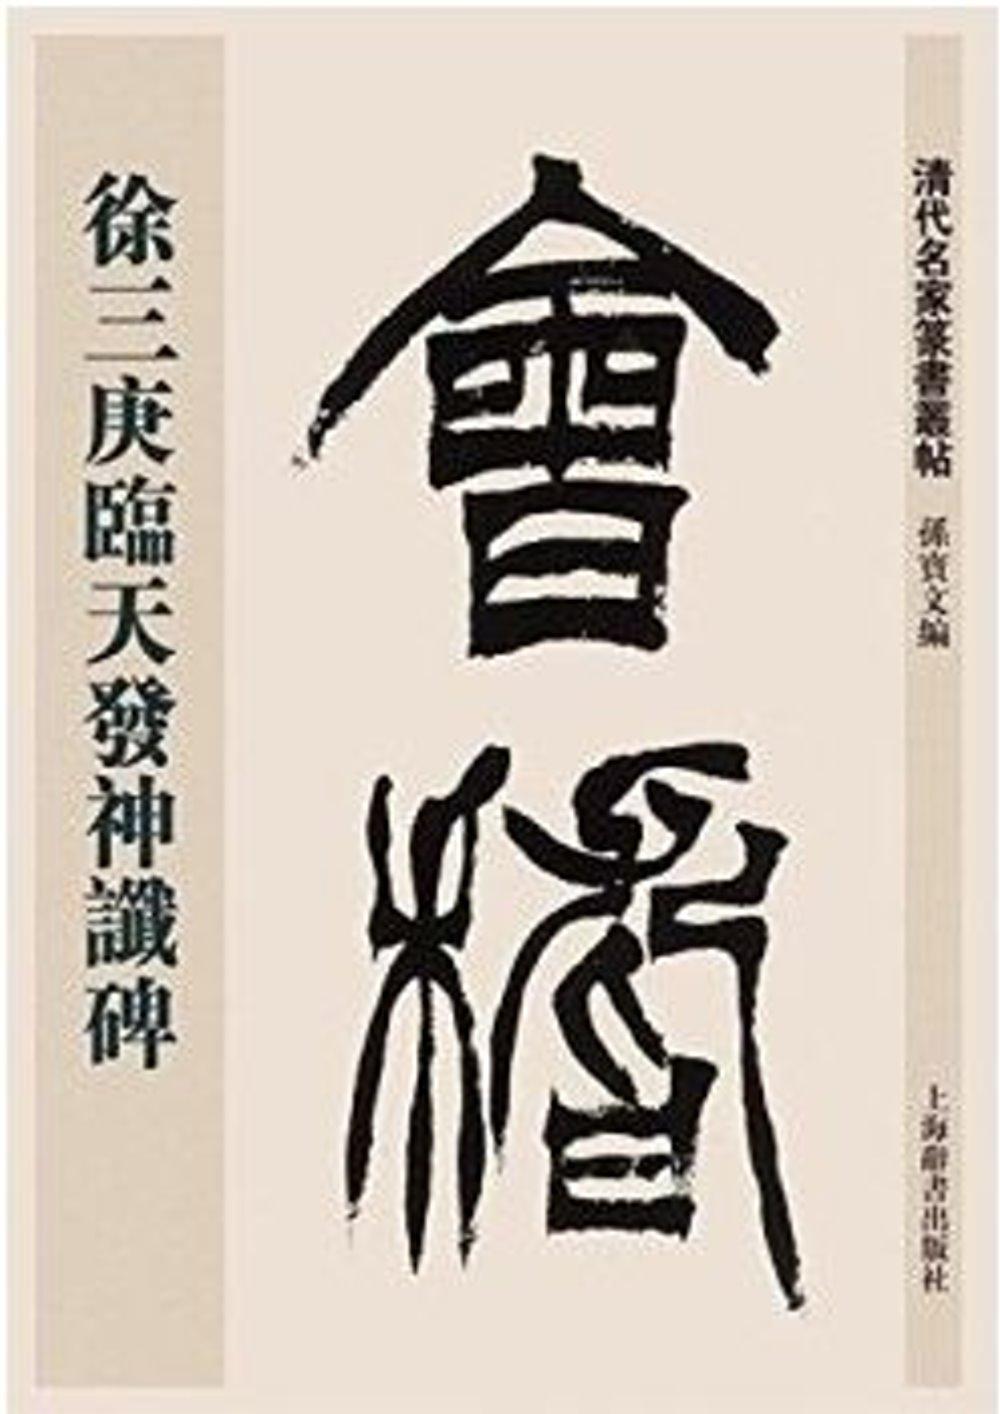 徐三庚篆書天發神讖碑